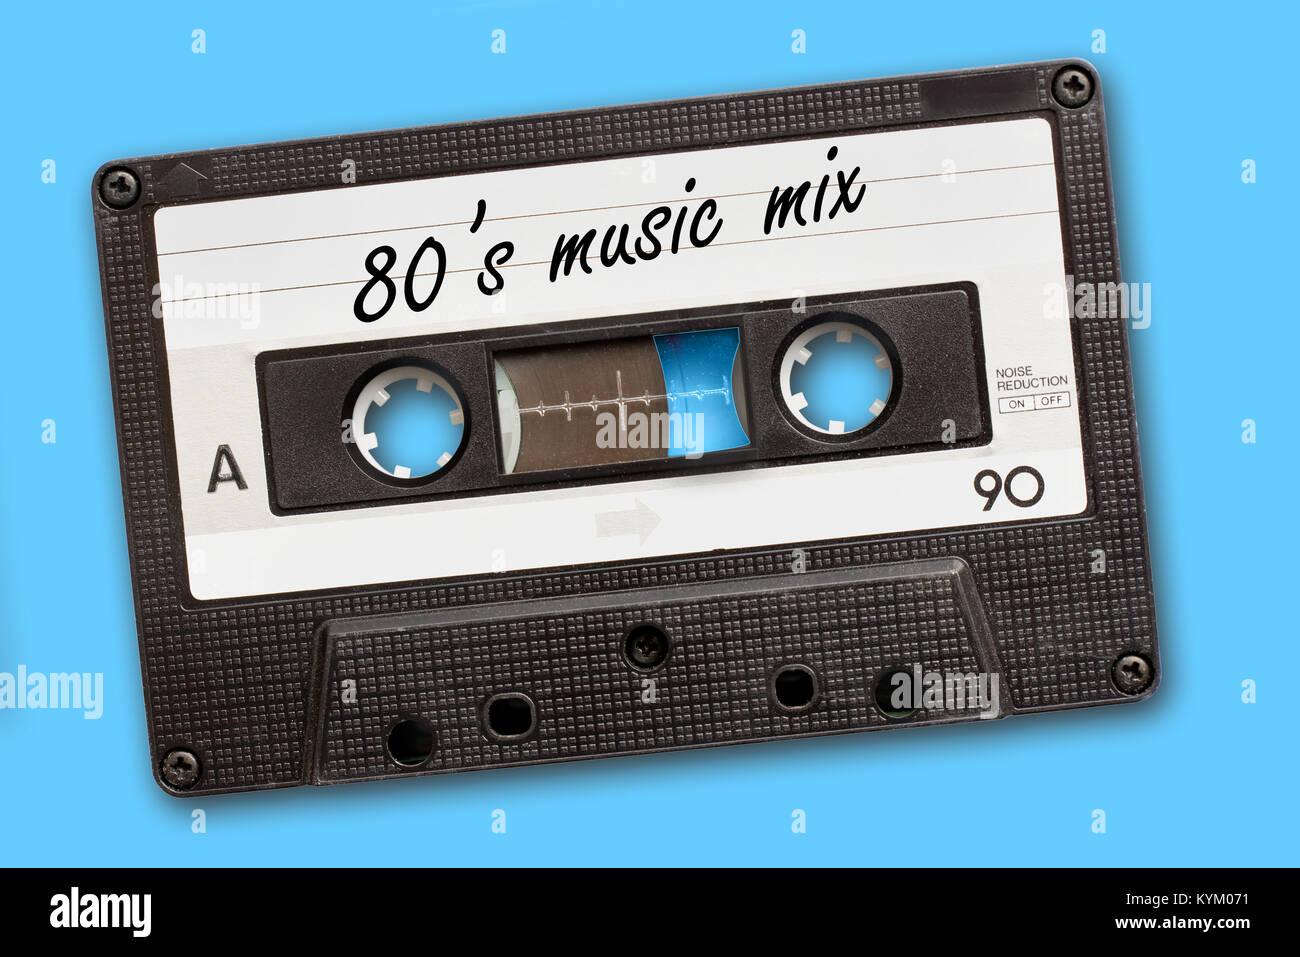 80's mix di musica scritta su vintage cassetta audio tape, sfondo blu Immagini Stock